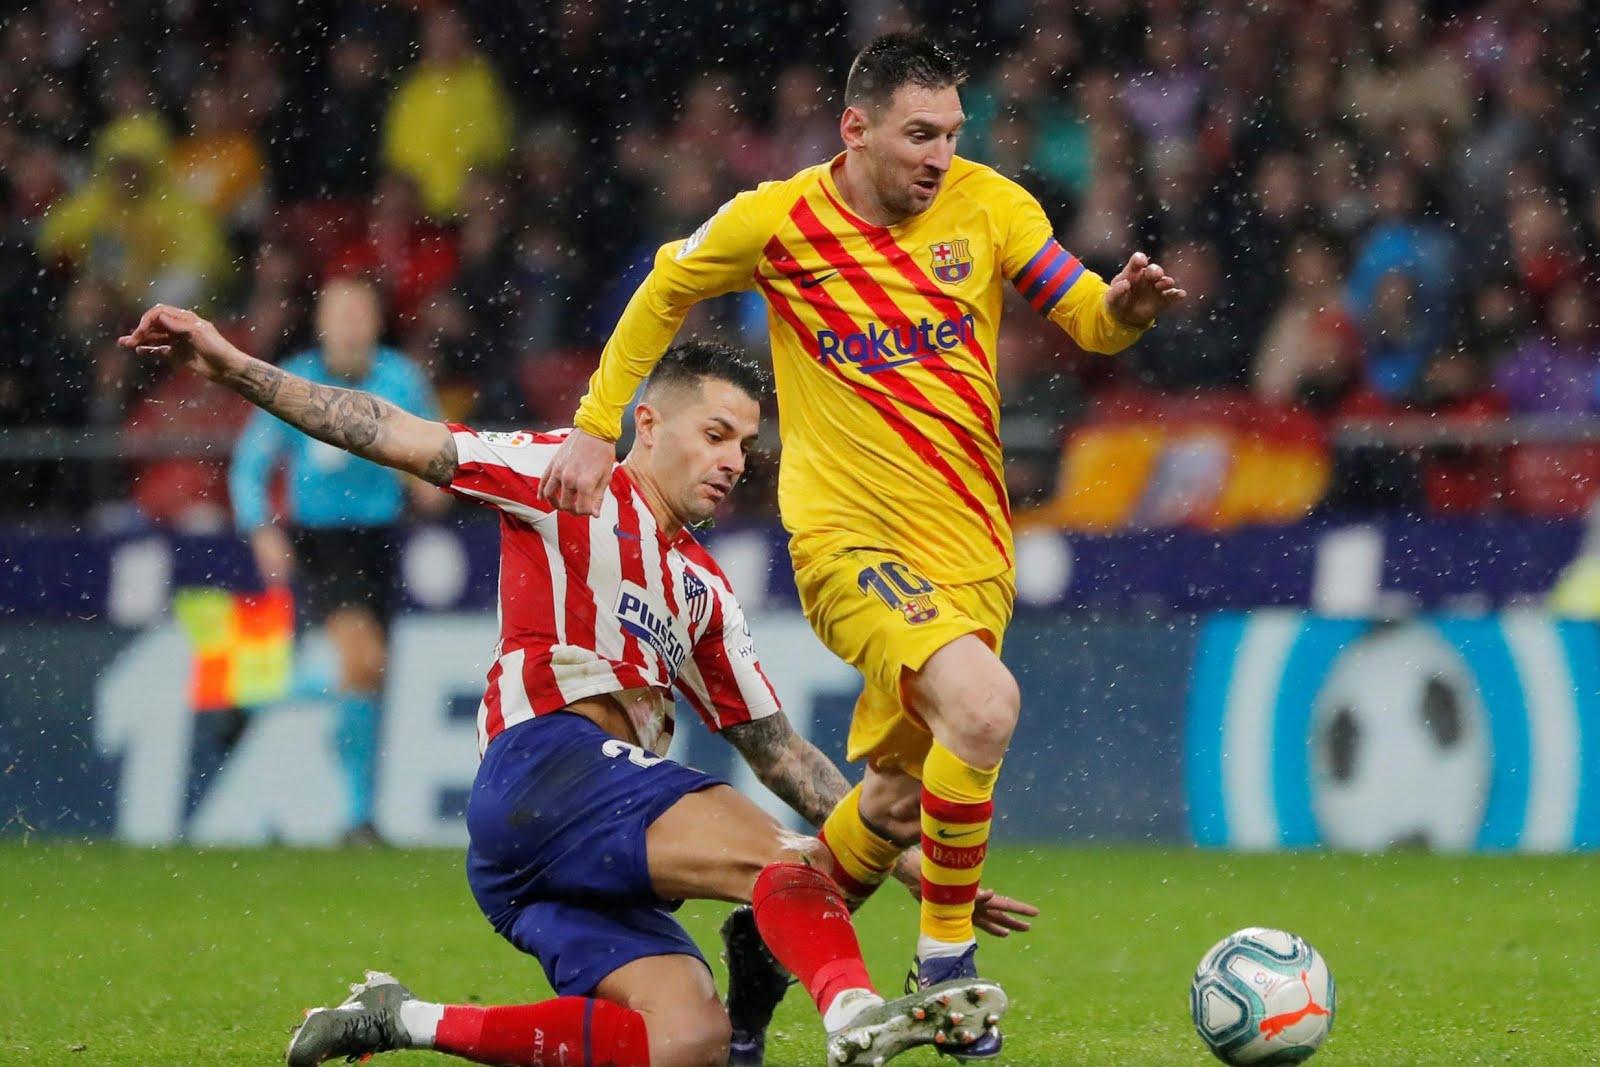 مشاهدة مباراة برشلونة واتلتيكو مدريد بث مباشر اليوم 9-1-2020 في كأس السوبر الاسباني